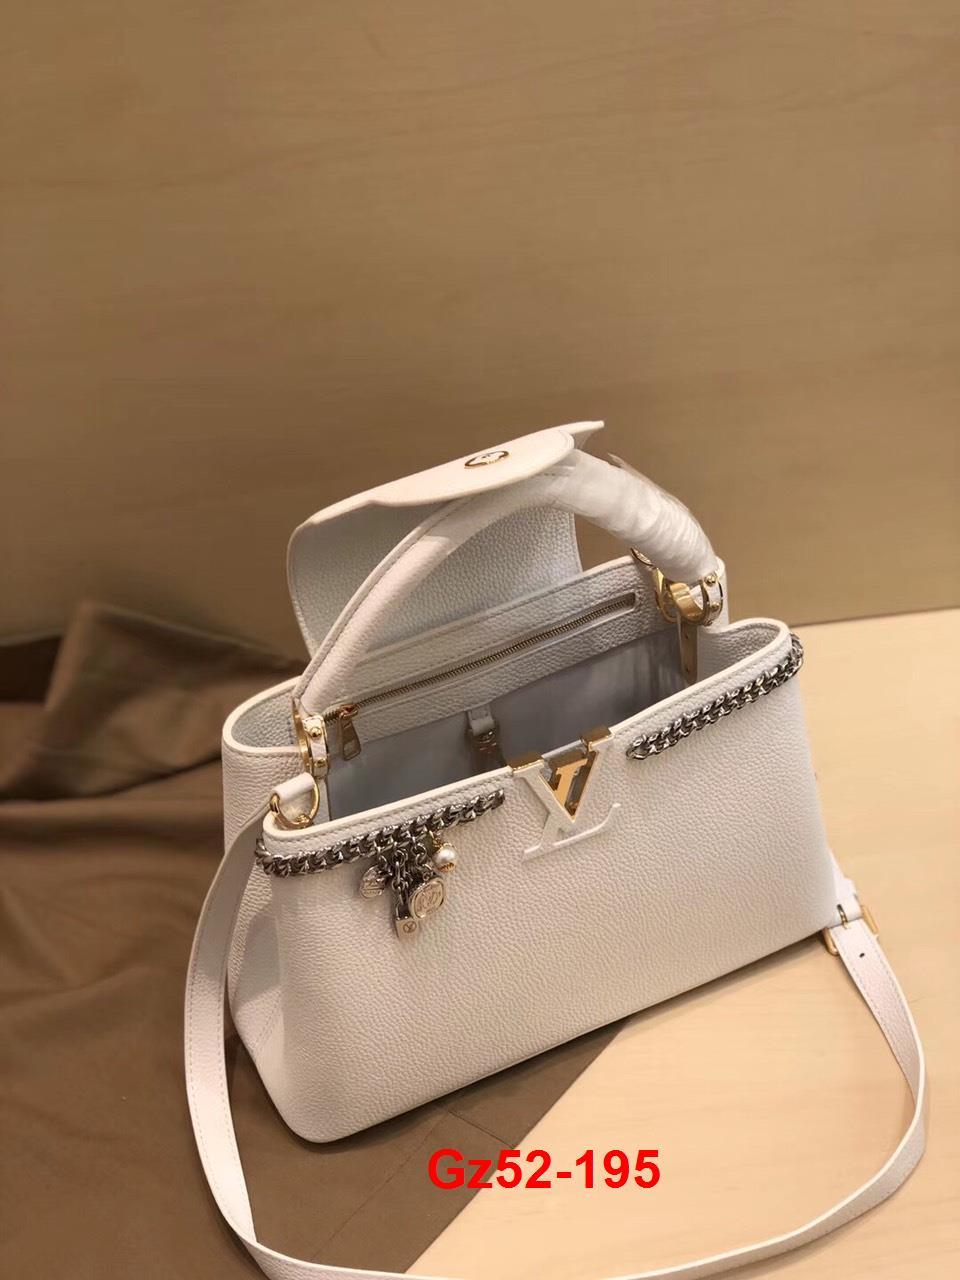 Gz52-195 Louis Vuitton túi size 27cm, 32cm siêu cấp